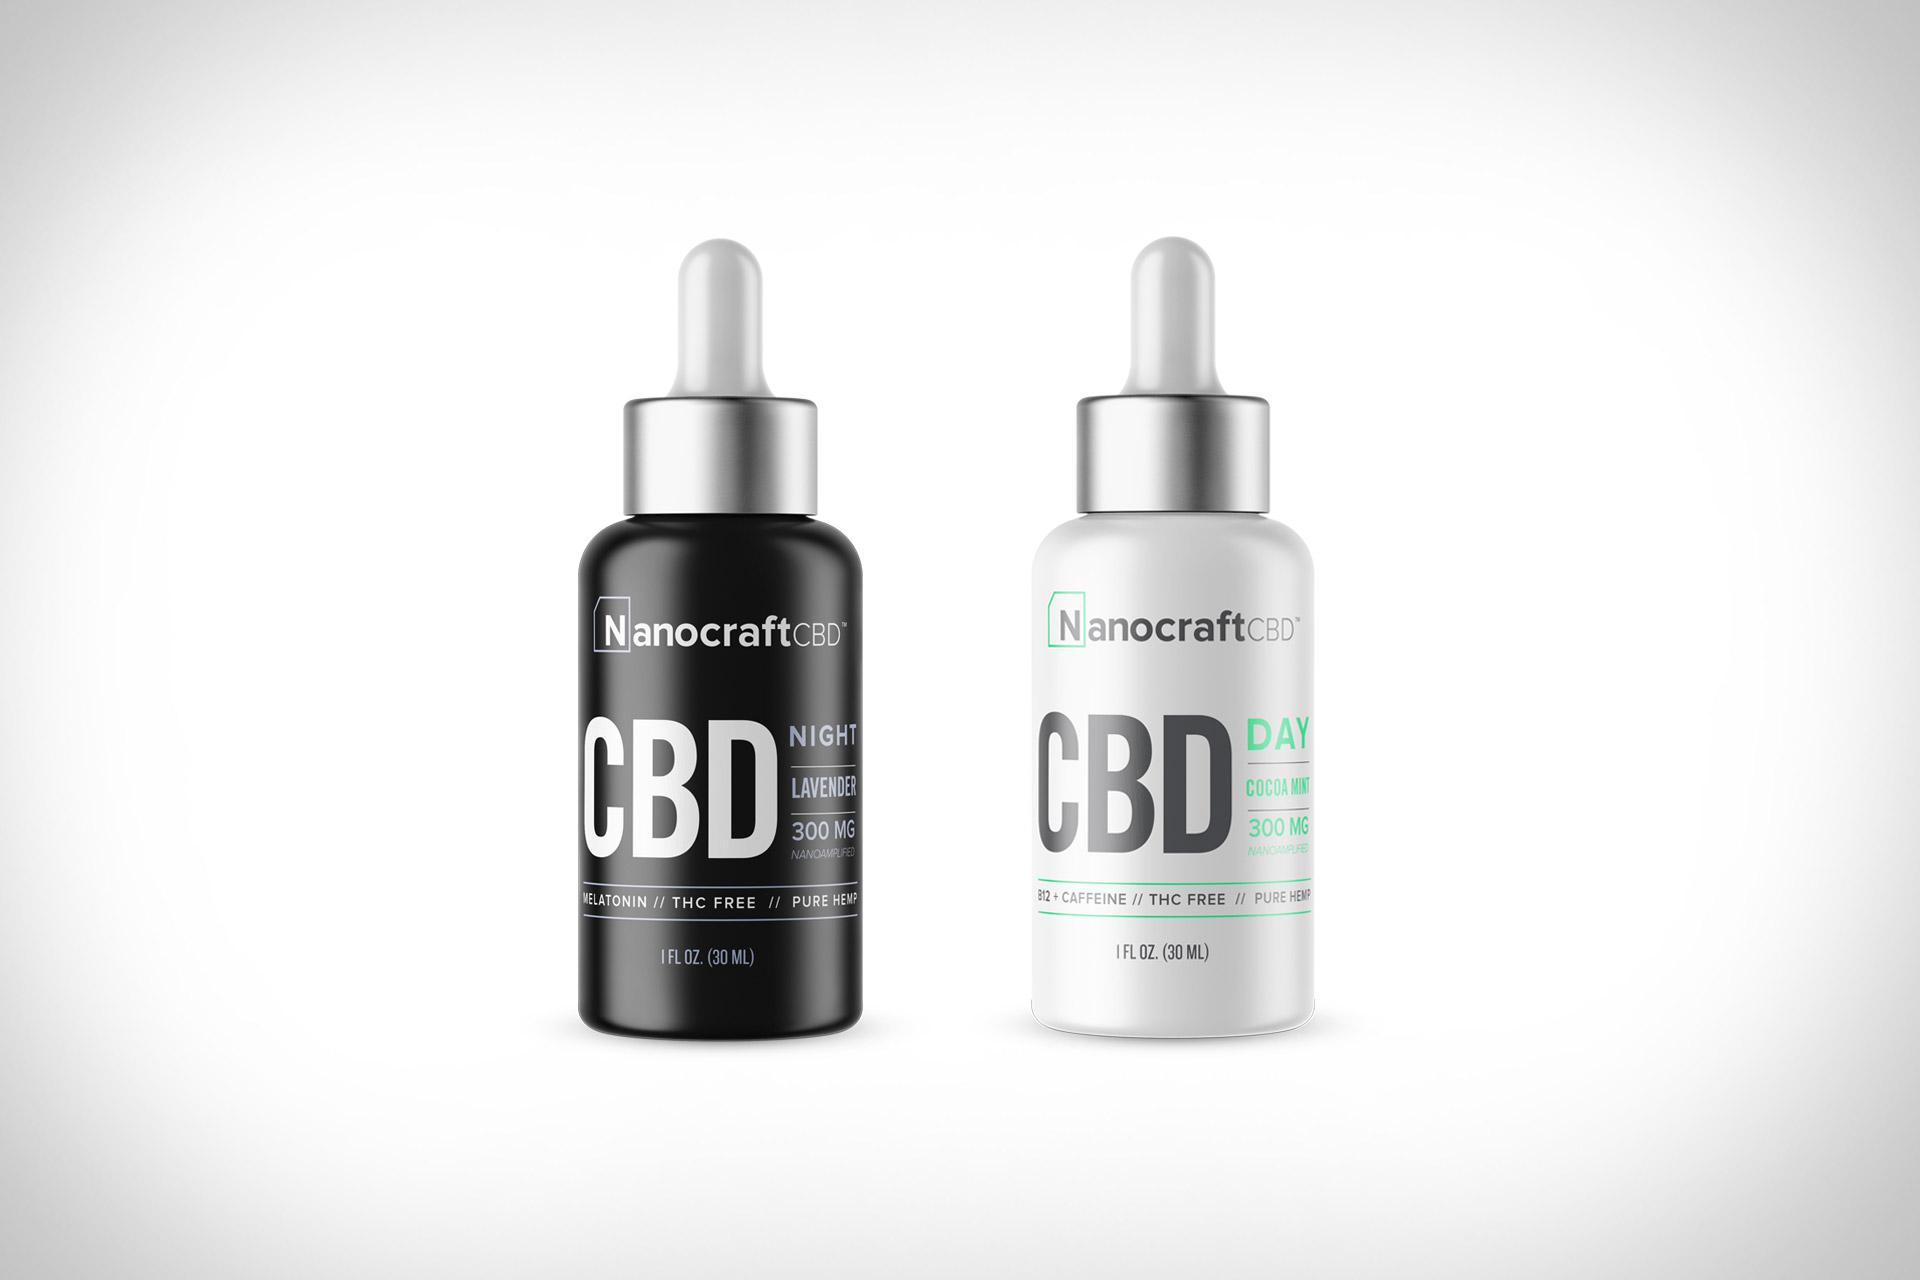 NanoCraft CBD Oil